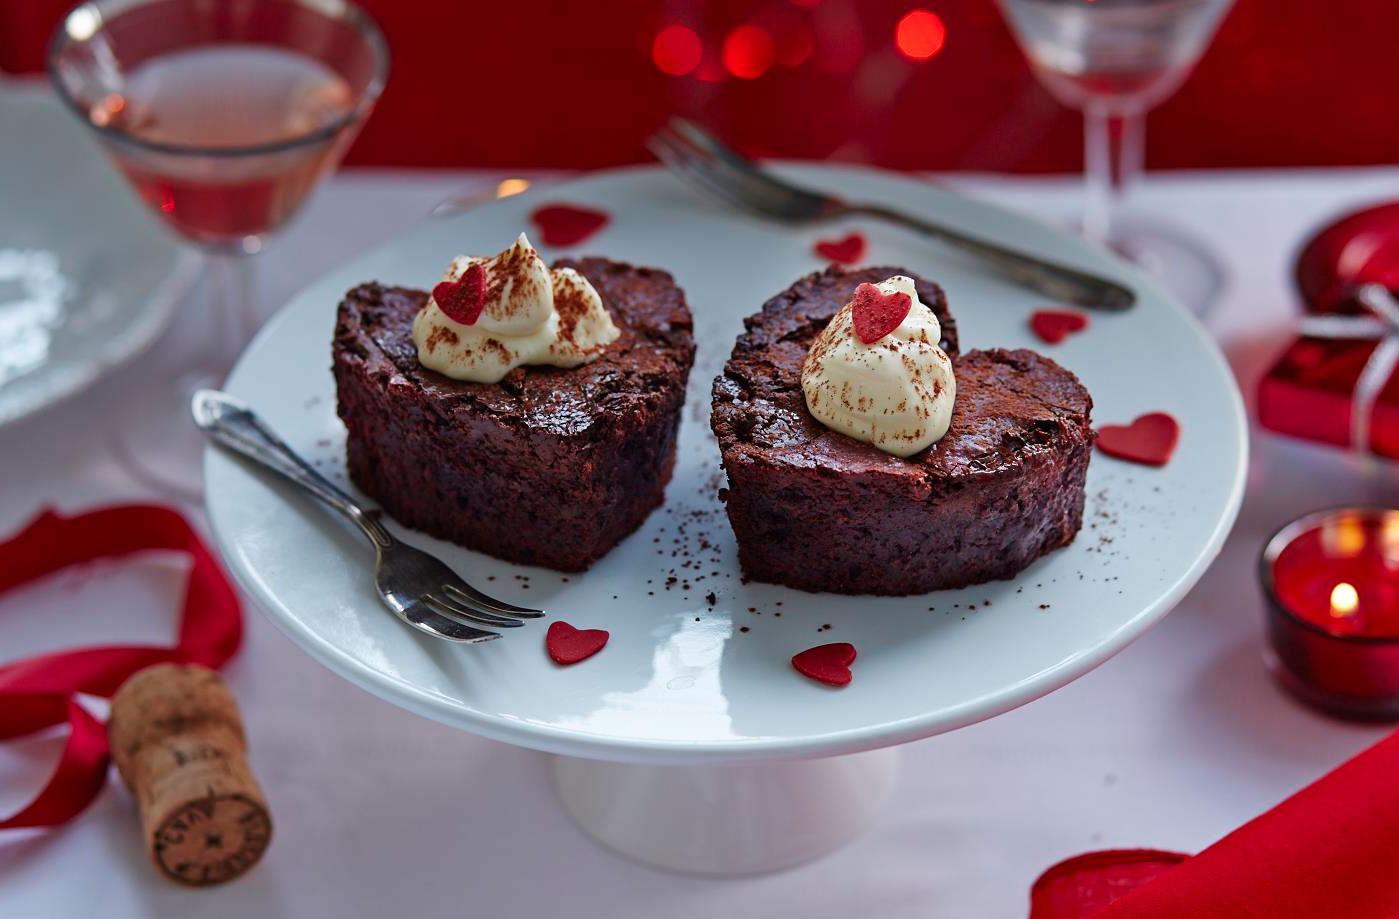 Repas romantique facile: moelleux au chocolat.